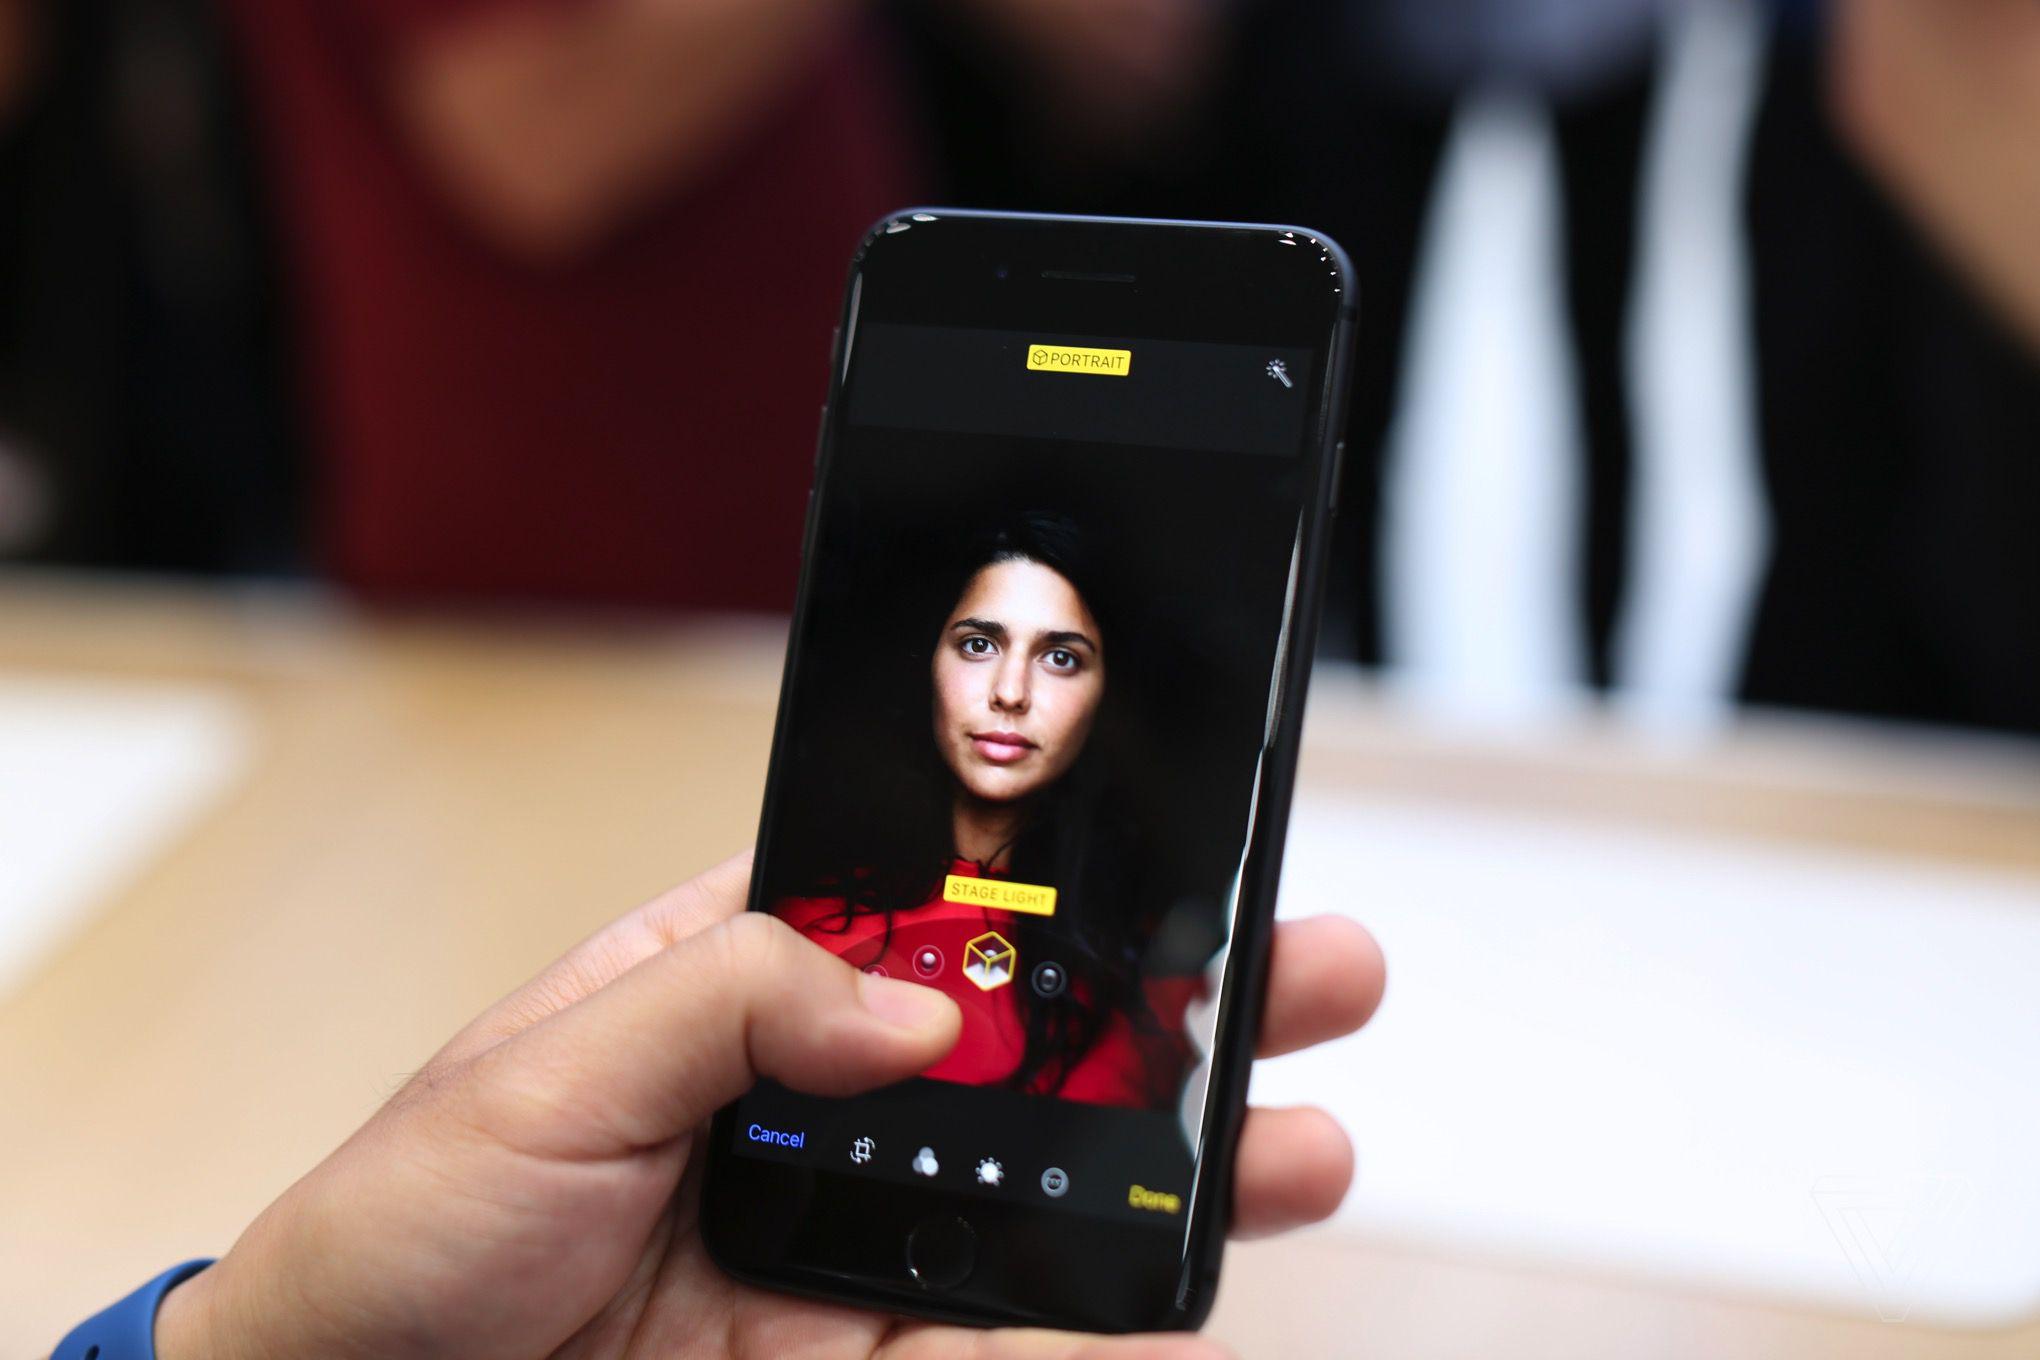 Ảnh thực tế iPhone X: Tưởng không đẹp, nhưng ai ngờ đẹp không tưởng! - Ảnh 11.